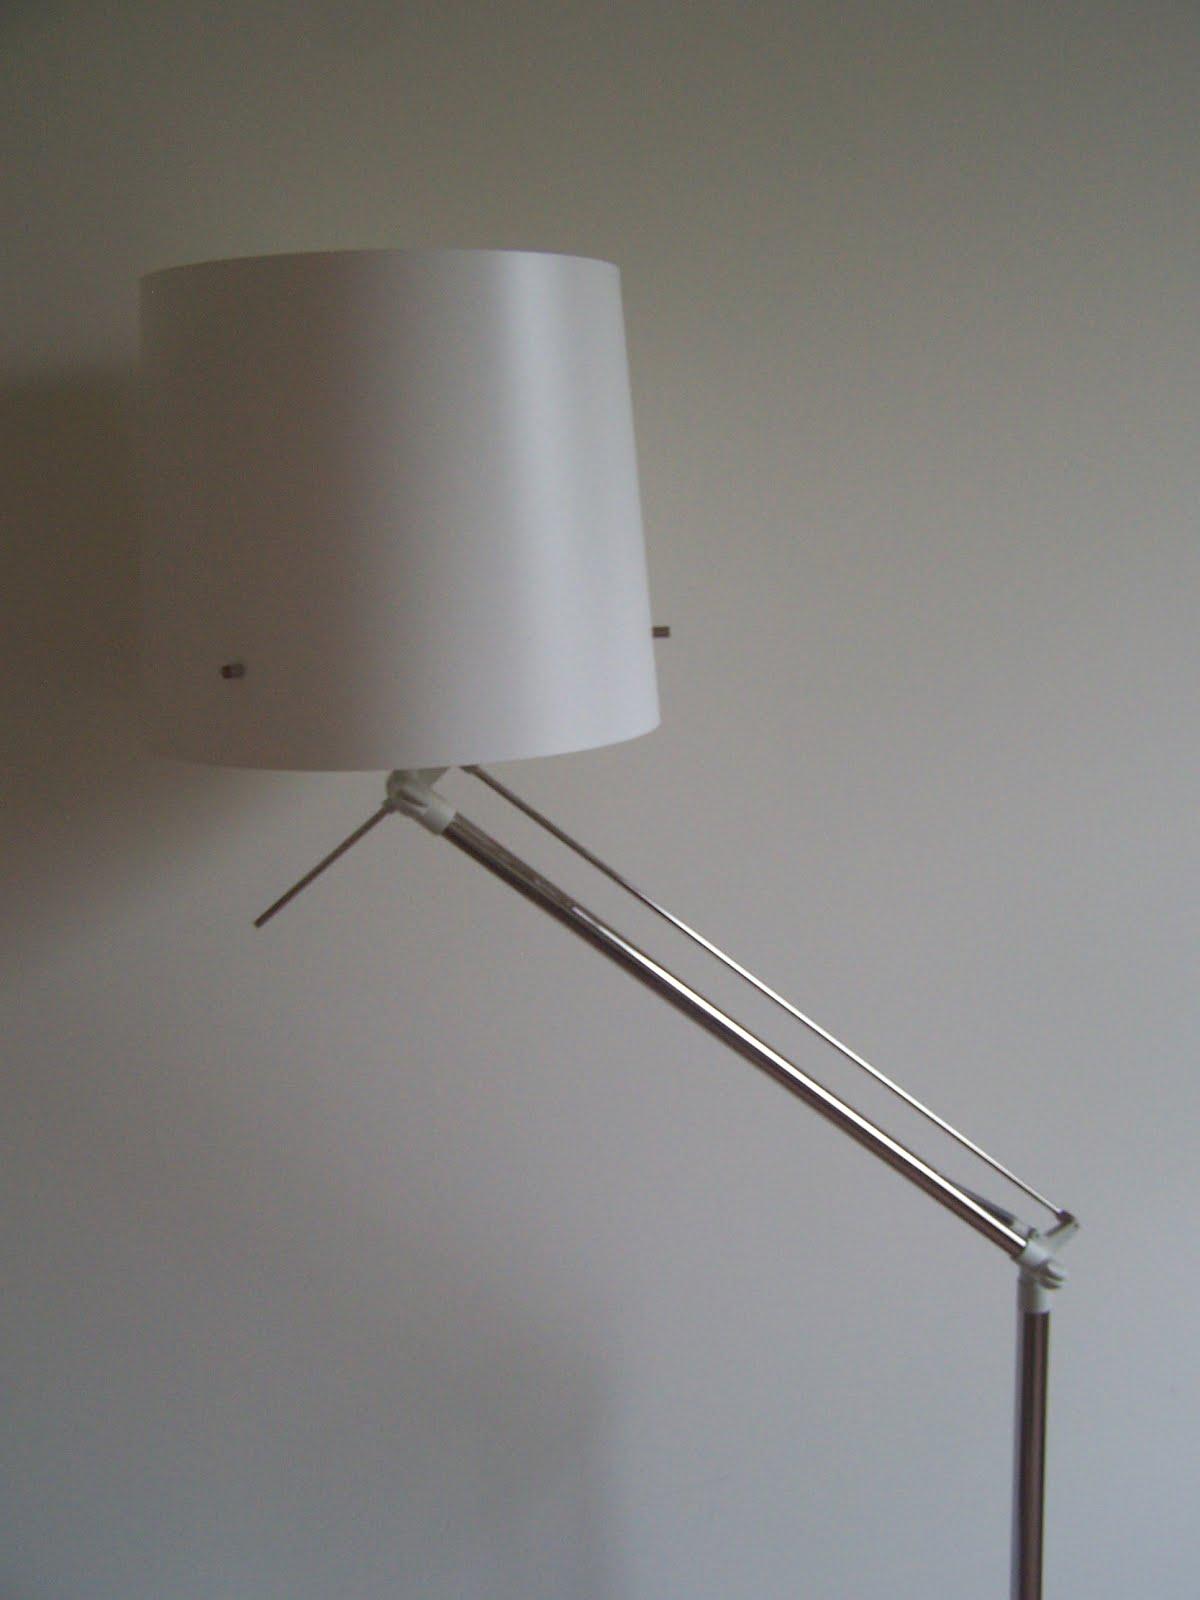 Ikea Wickelkommode Stuva Test ~   help Can we fix the Samtid socket?  IKEA Hackers  IKEA Hackers